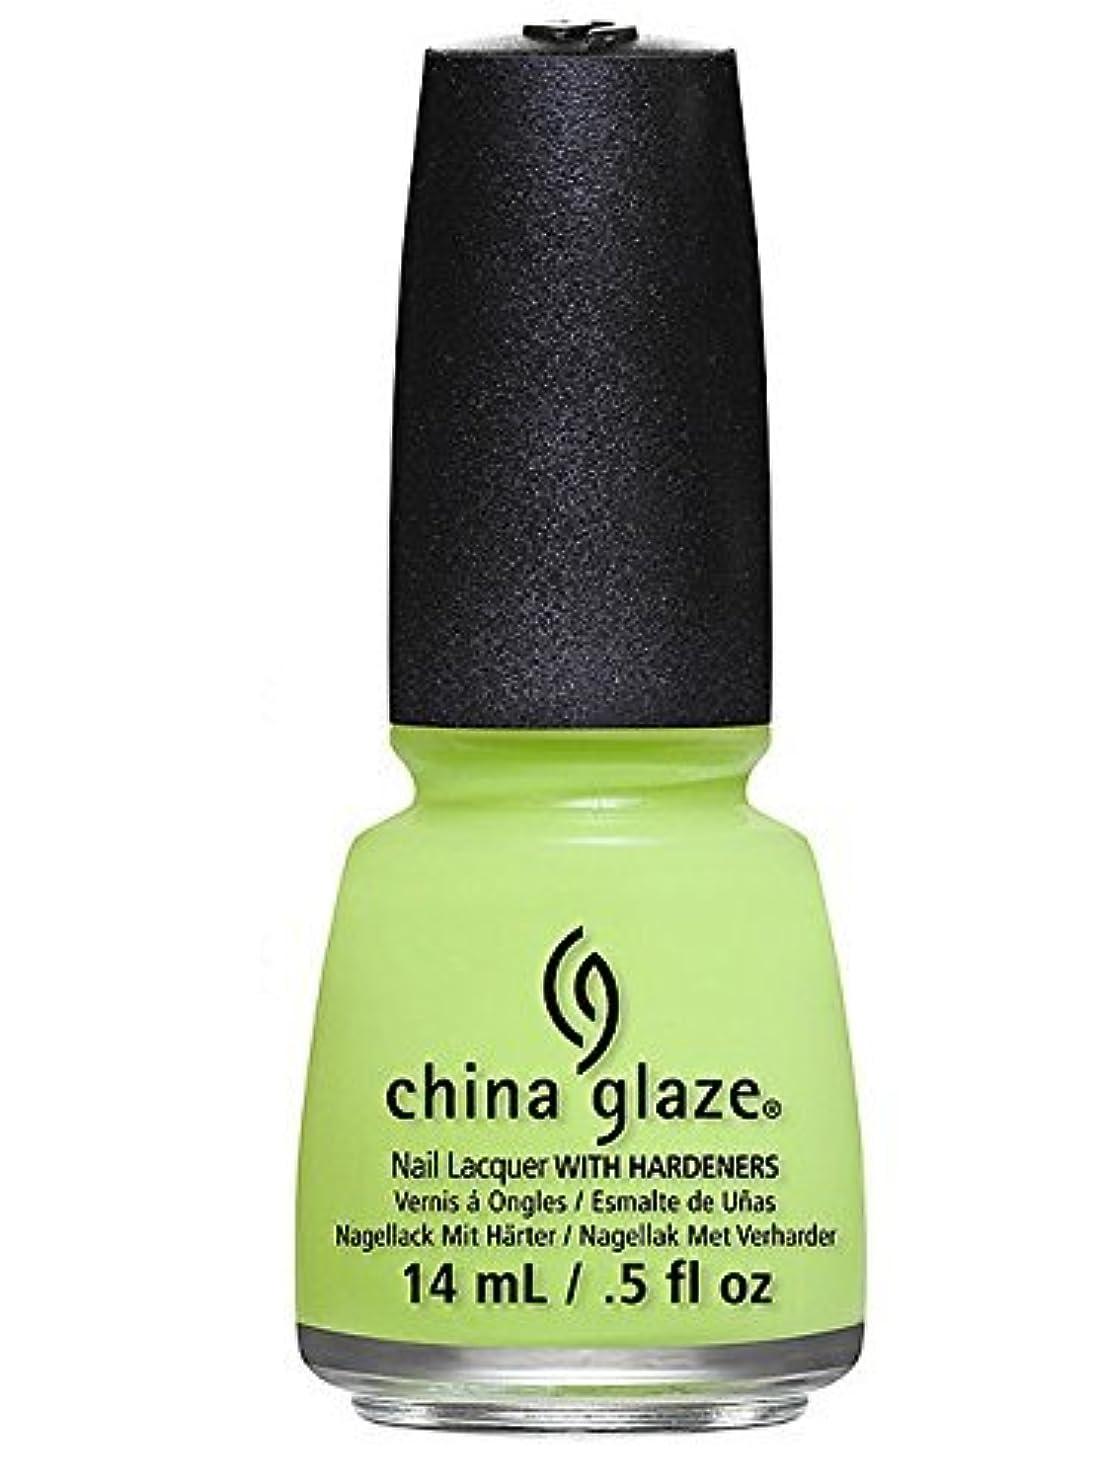 ネーピアリーダーシップ一般的にChina Glaze Avant Garden Collection, Grass is Lime Greener by China Glaze [並行輸入品]